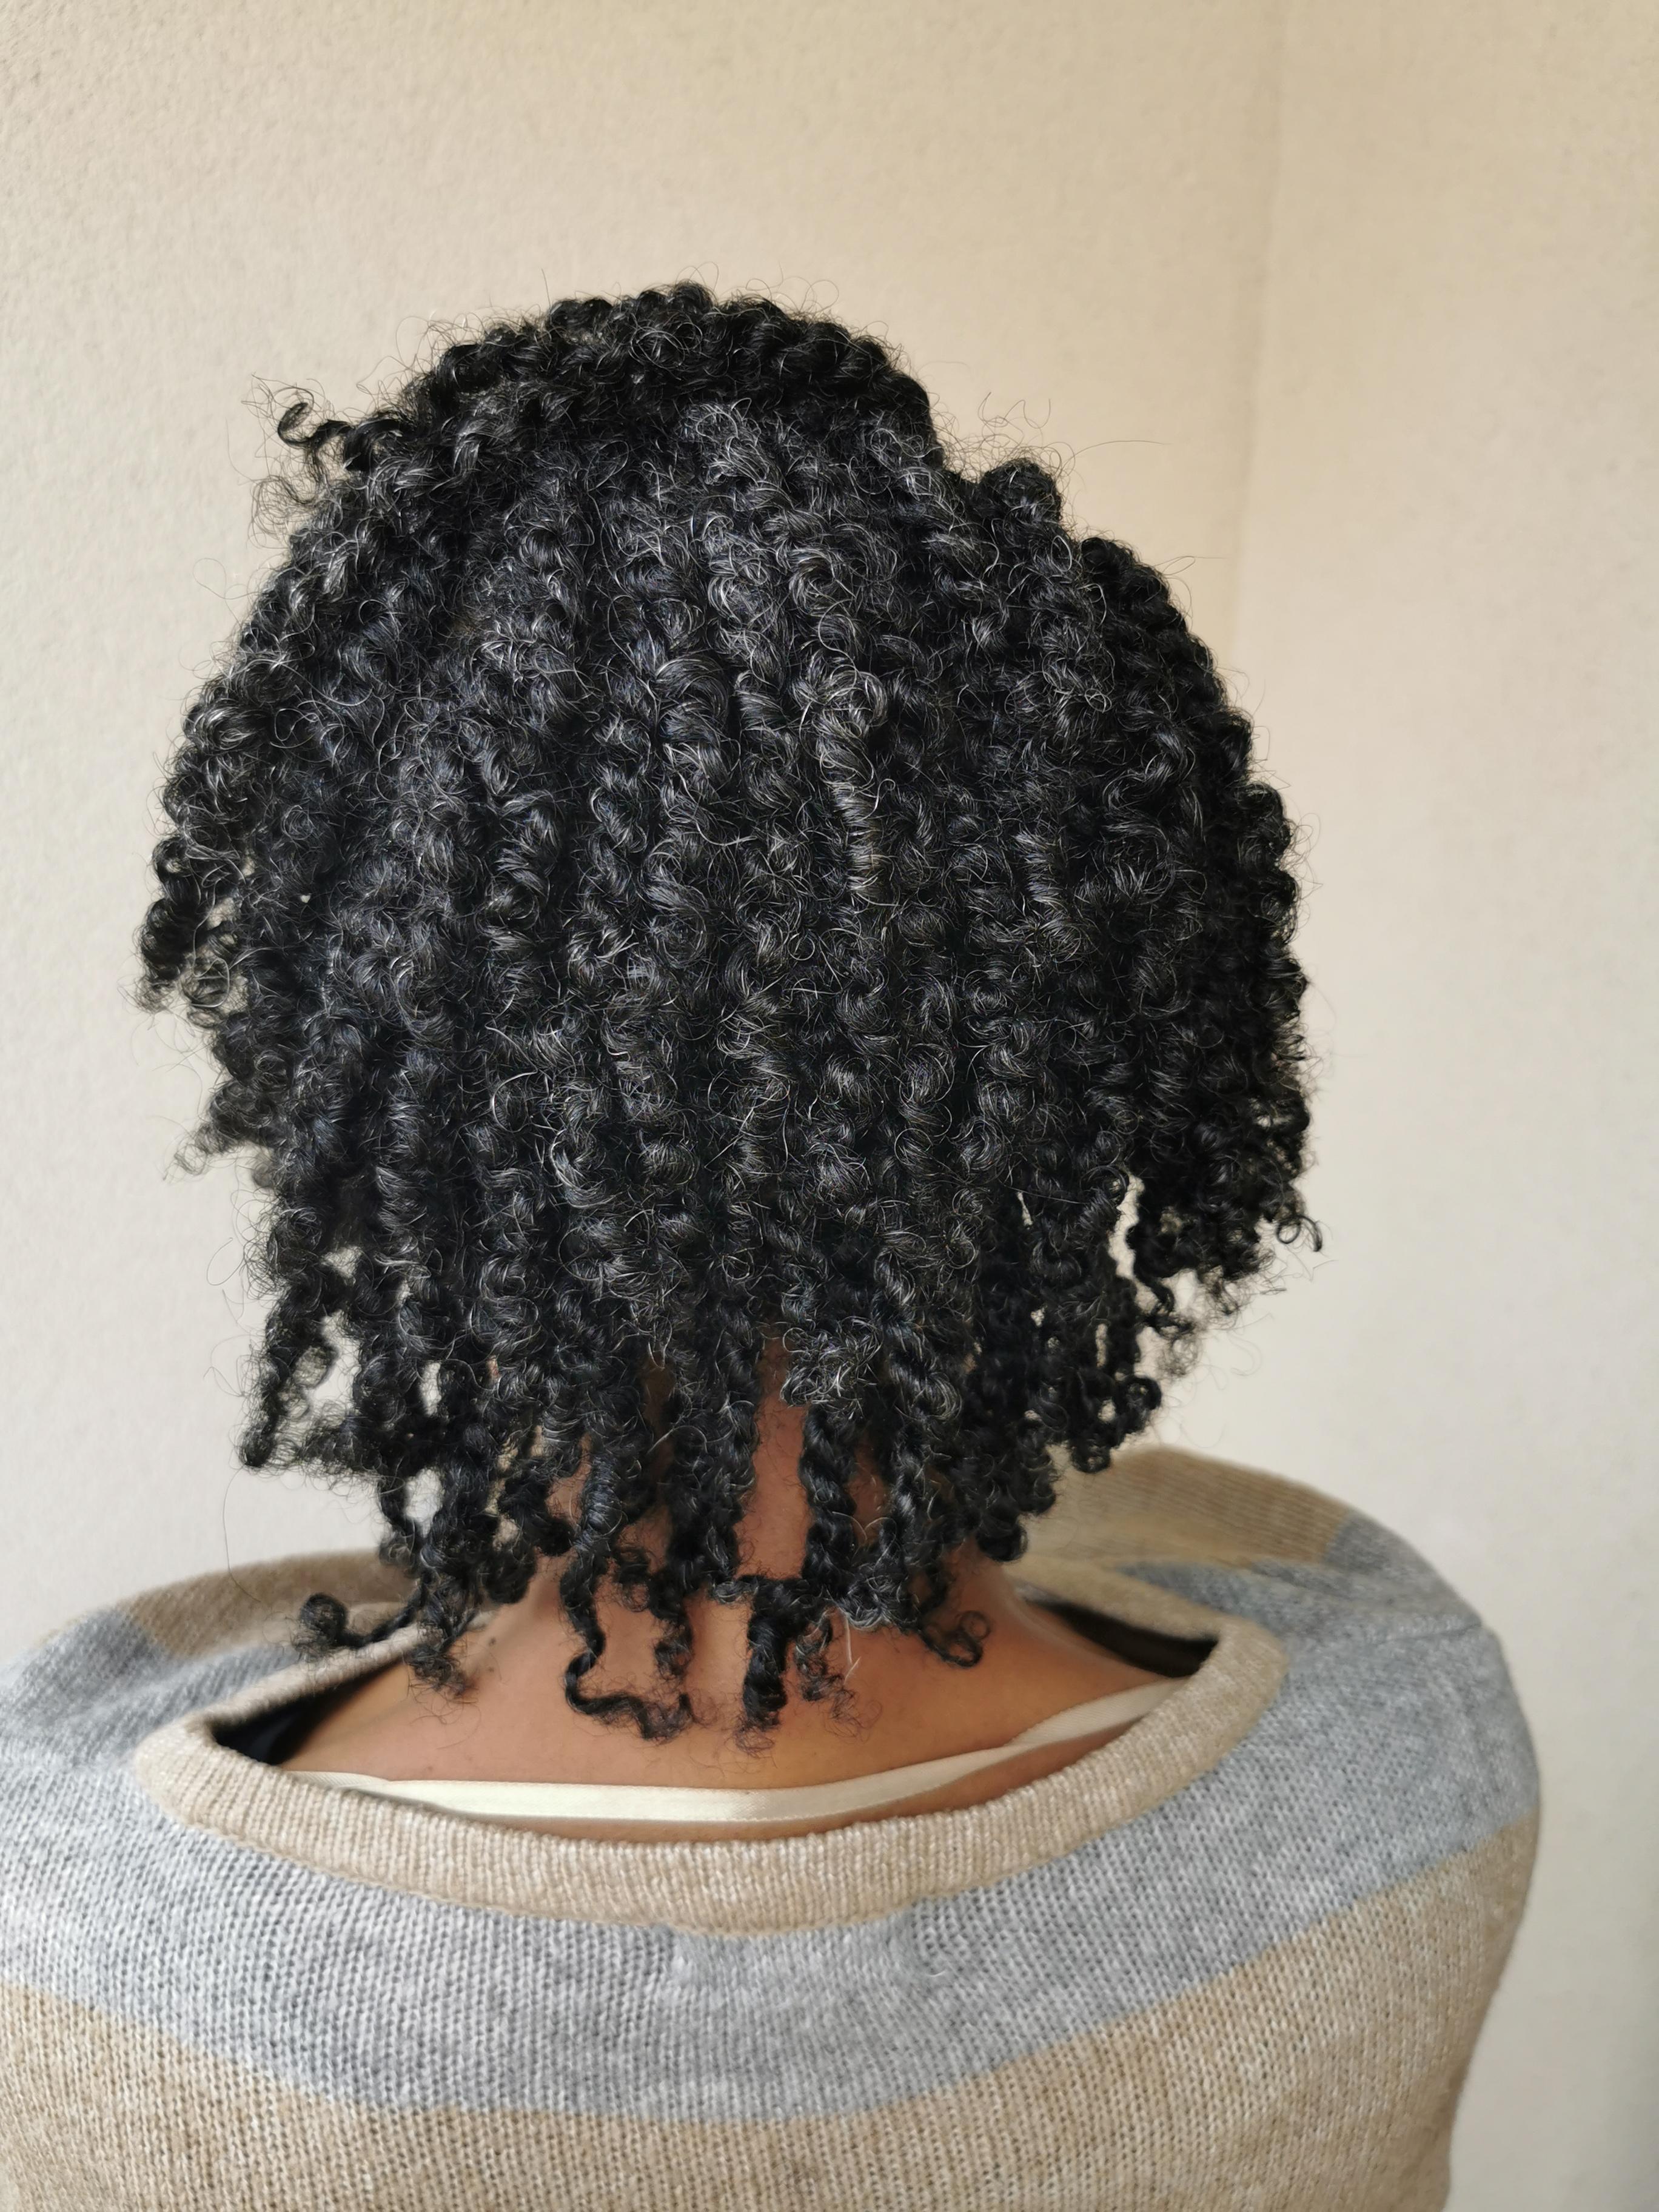 salon de coiffure afro tresse tresses box braids crochet braids vanilles tissages paris 75 77 78 91 92 93 94 95 KNCHVLKR